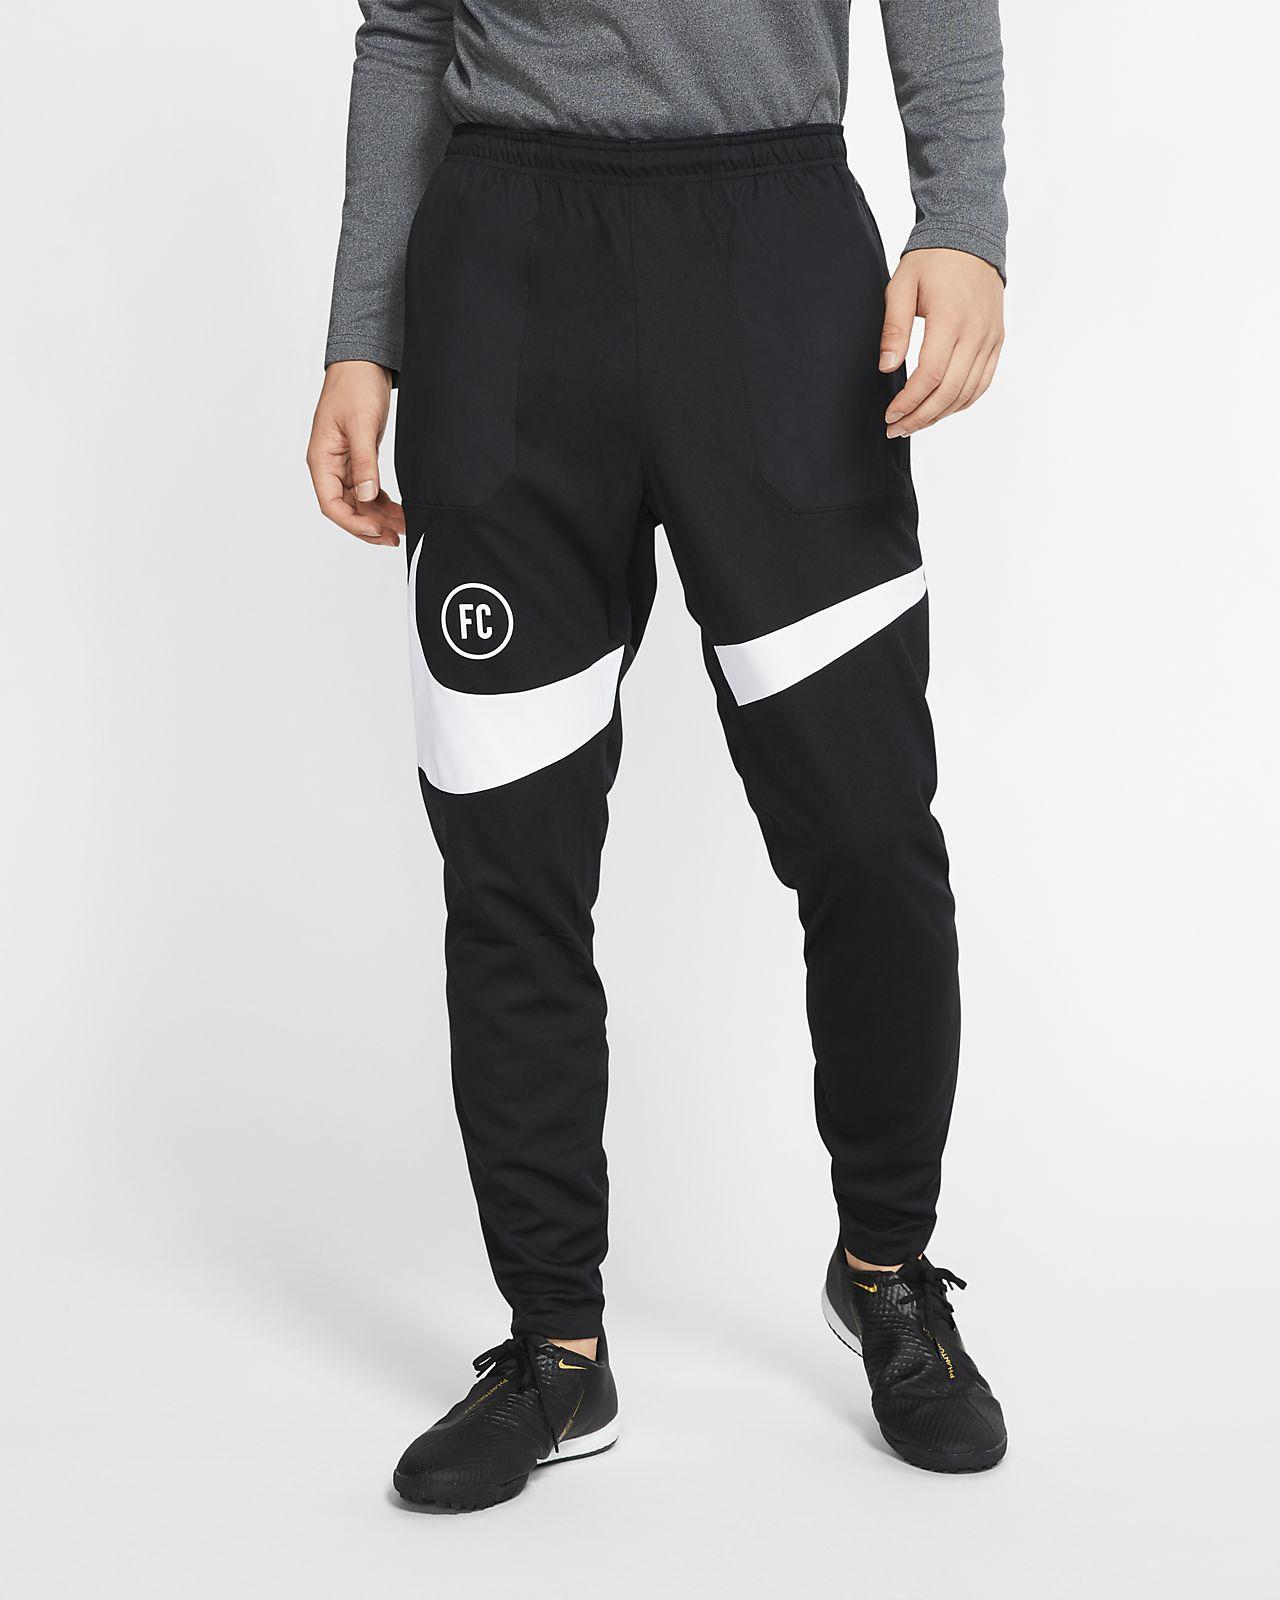 pantaloni nike calcio uomo